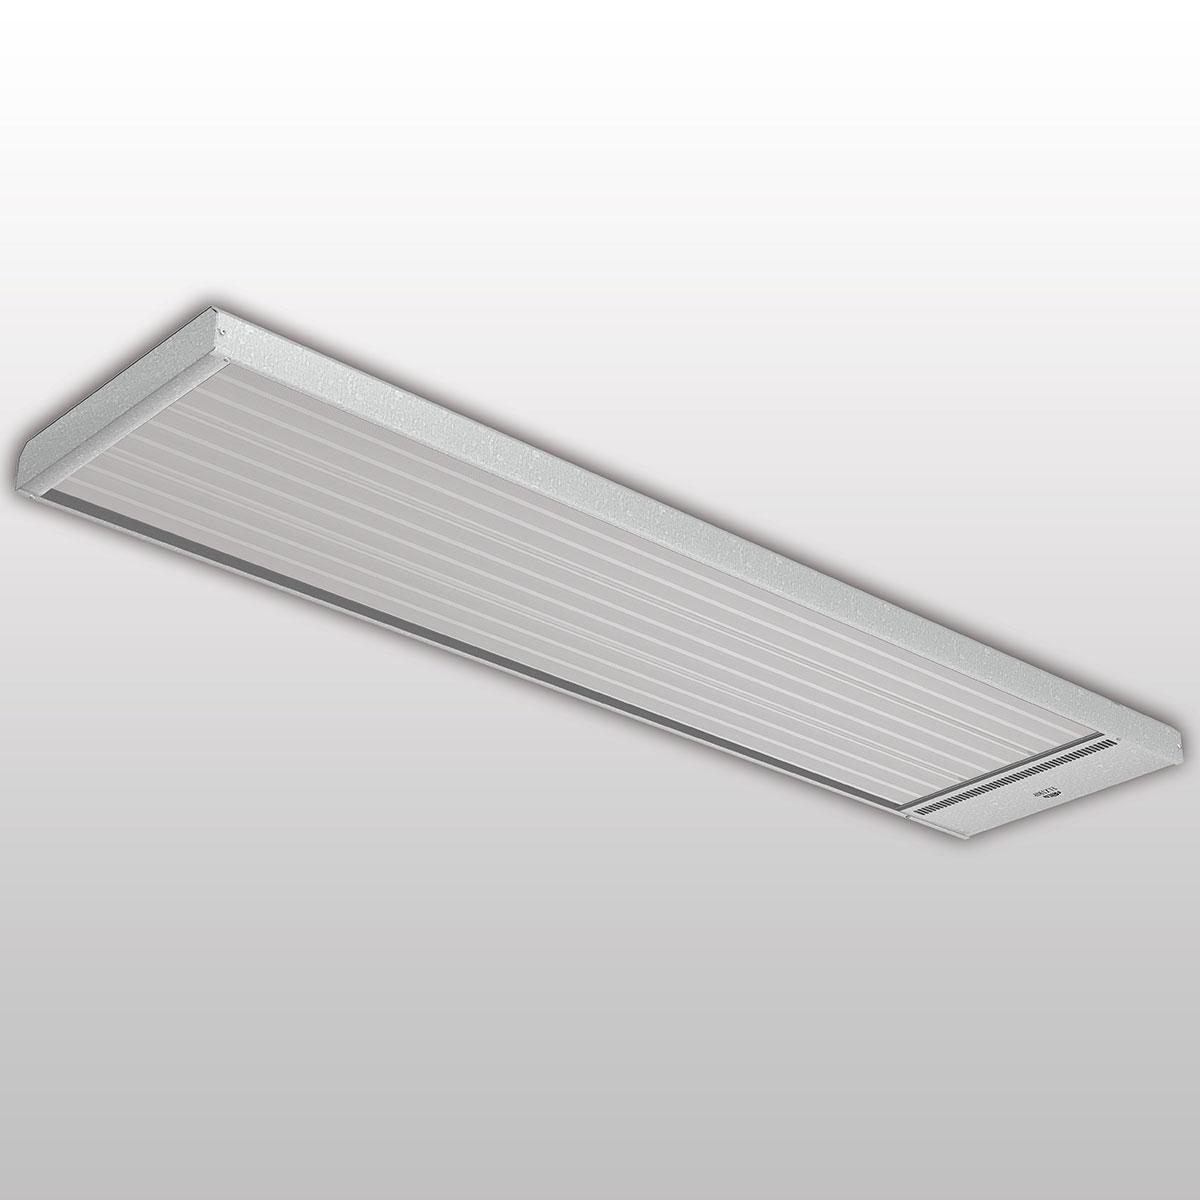 Elztrip EZ300 Infrarotstrahler bis 4500 Watt für bis zu 15 m hohe Decken